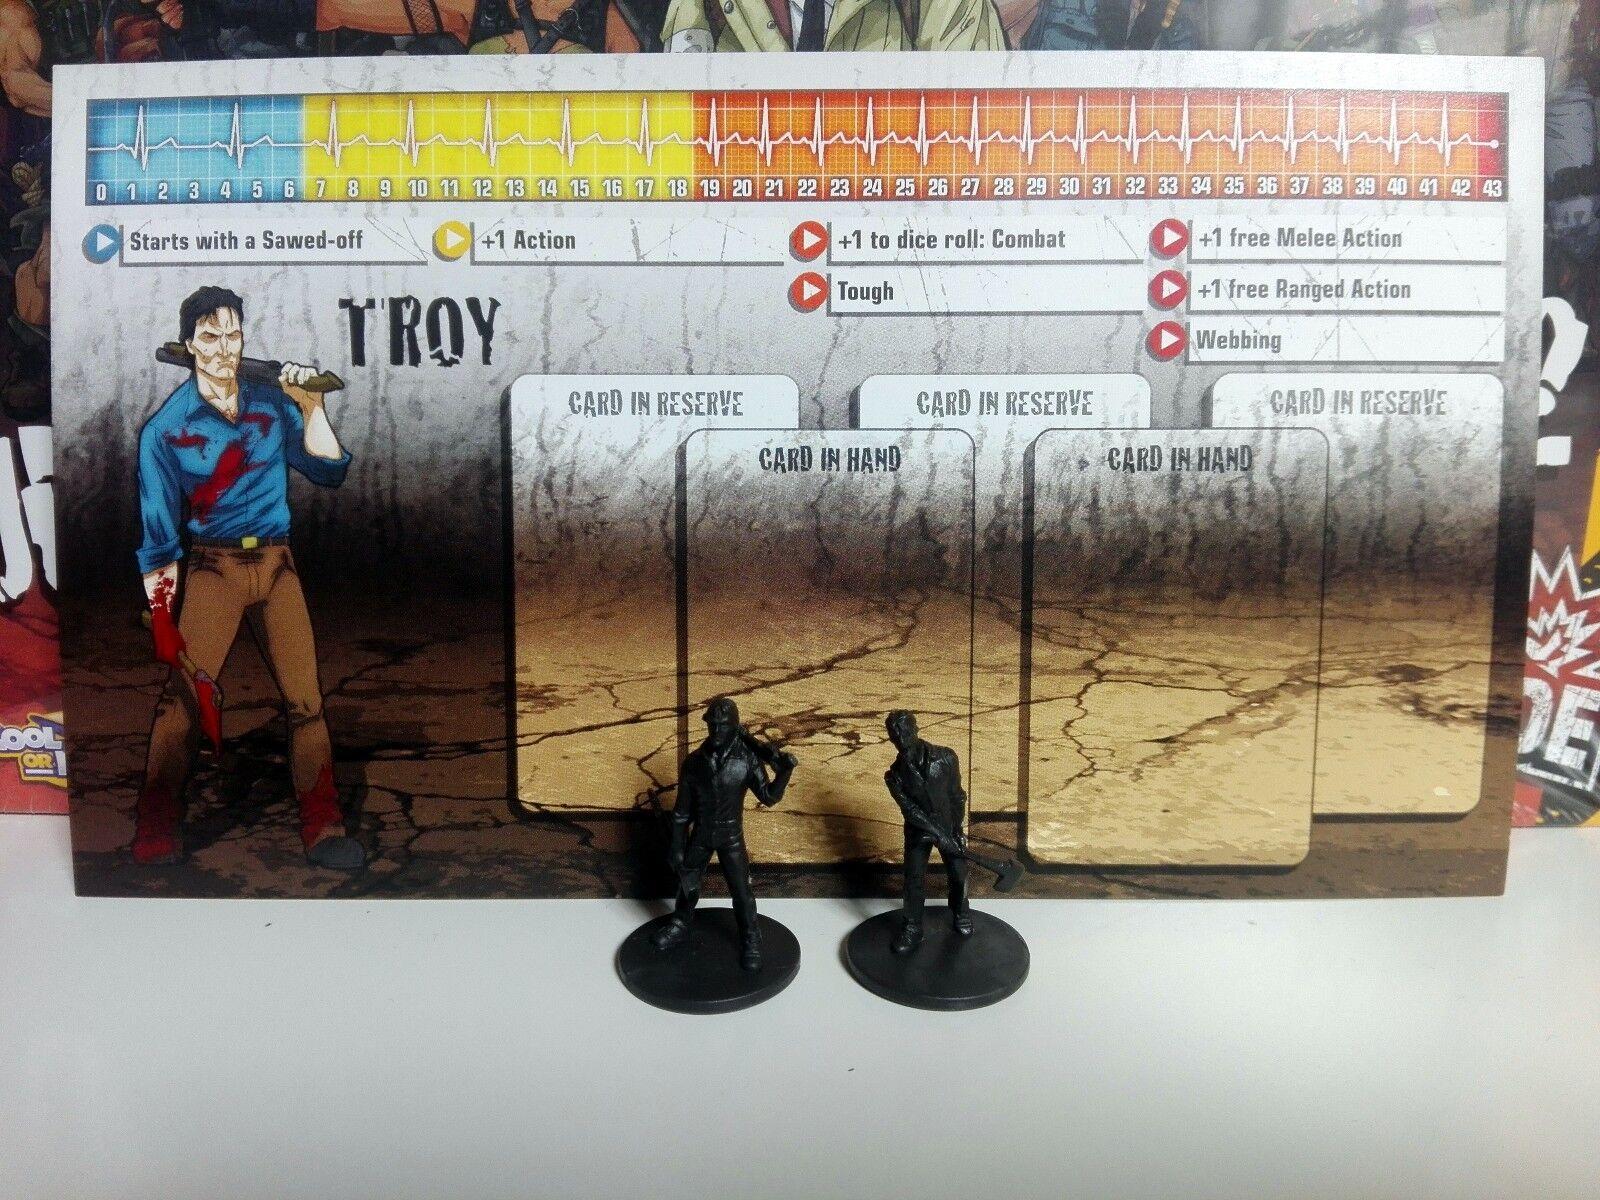 TROY (Evil Dead - Ash) - Zombicide - Kickstarter Exclusive T1